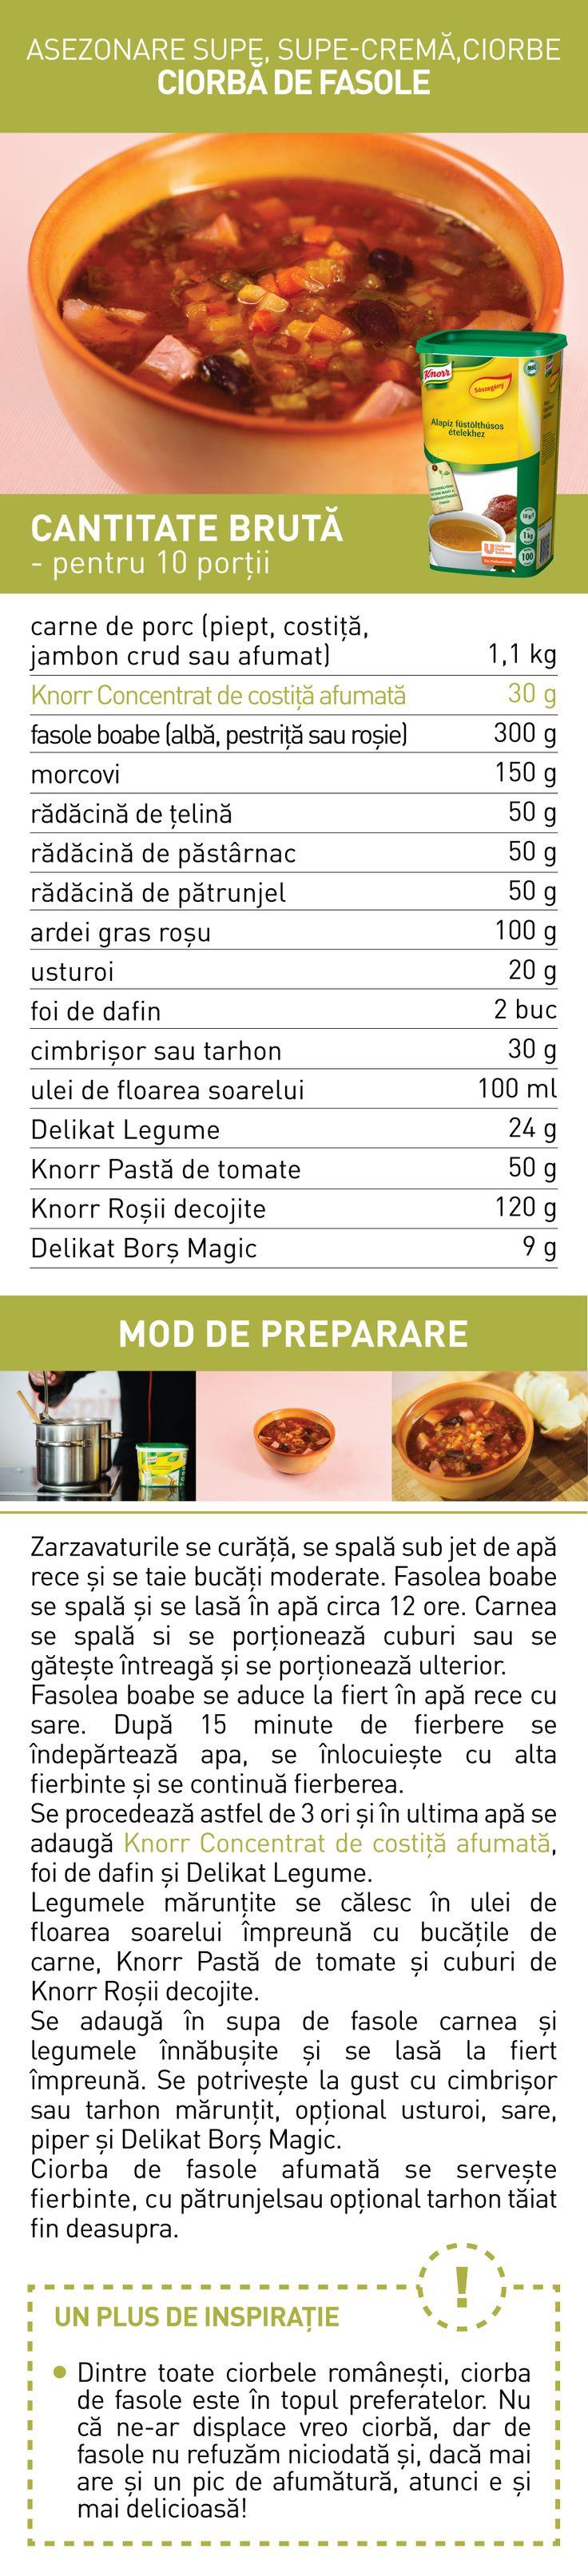 Asezonare supe, super-crema, ciorbe (II) - RETETE